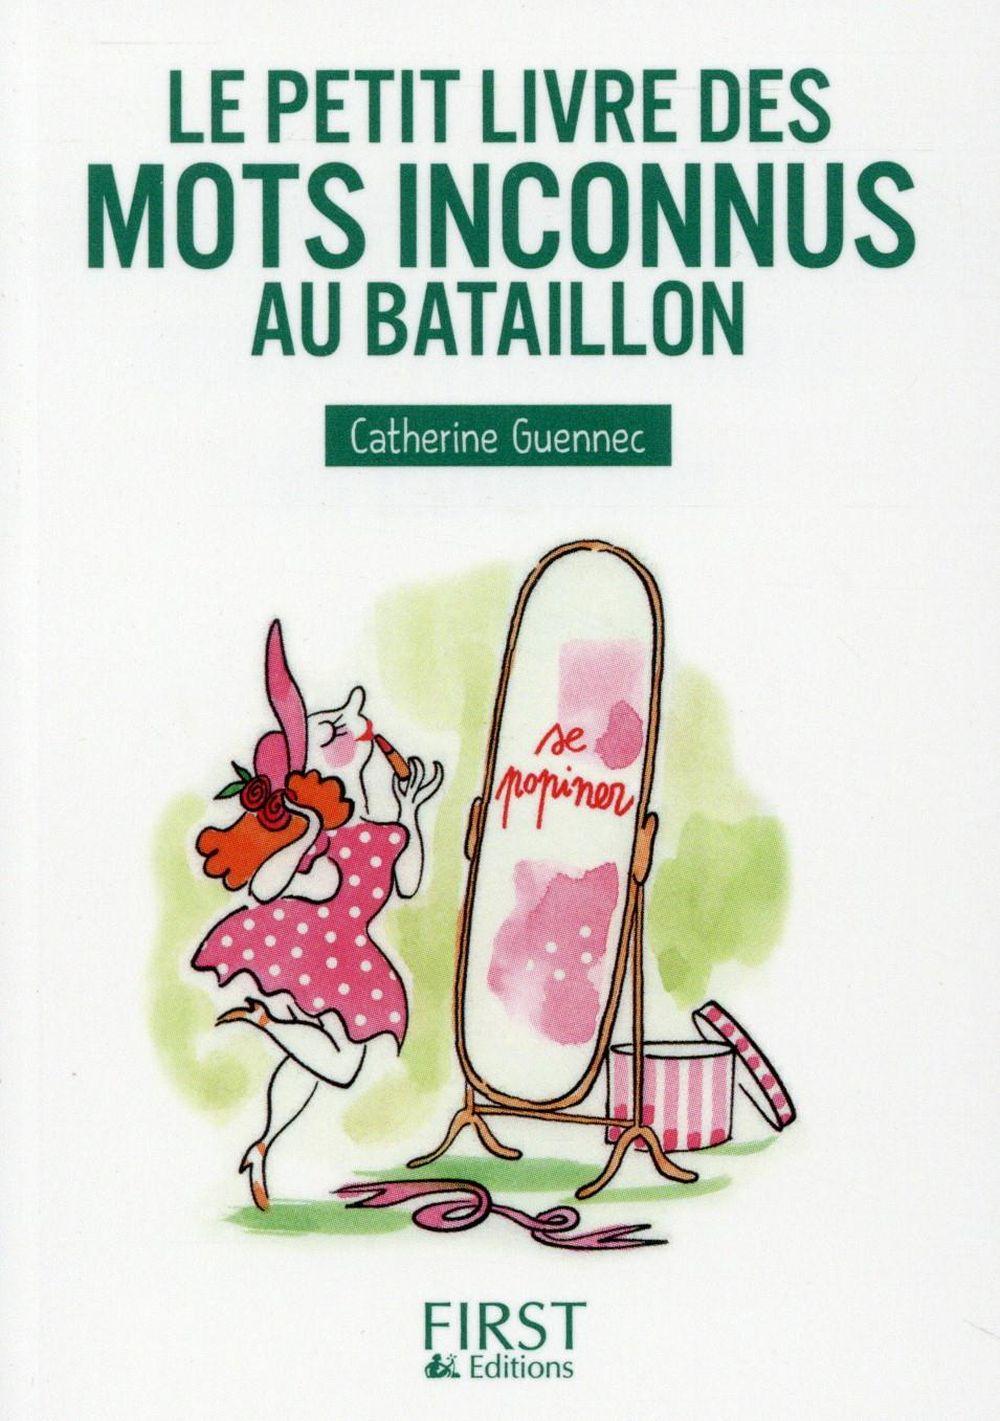 PETIT LIVRE DE - MOTS INCONNUS AU BATAILLON Guennec Catherine First Editions